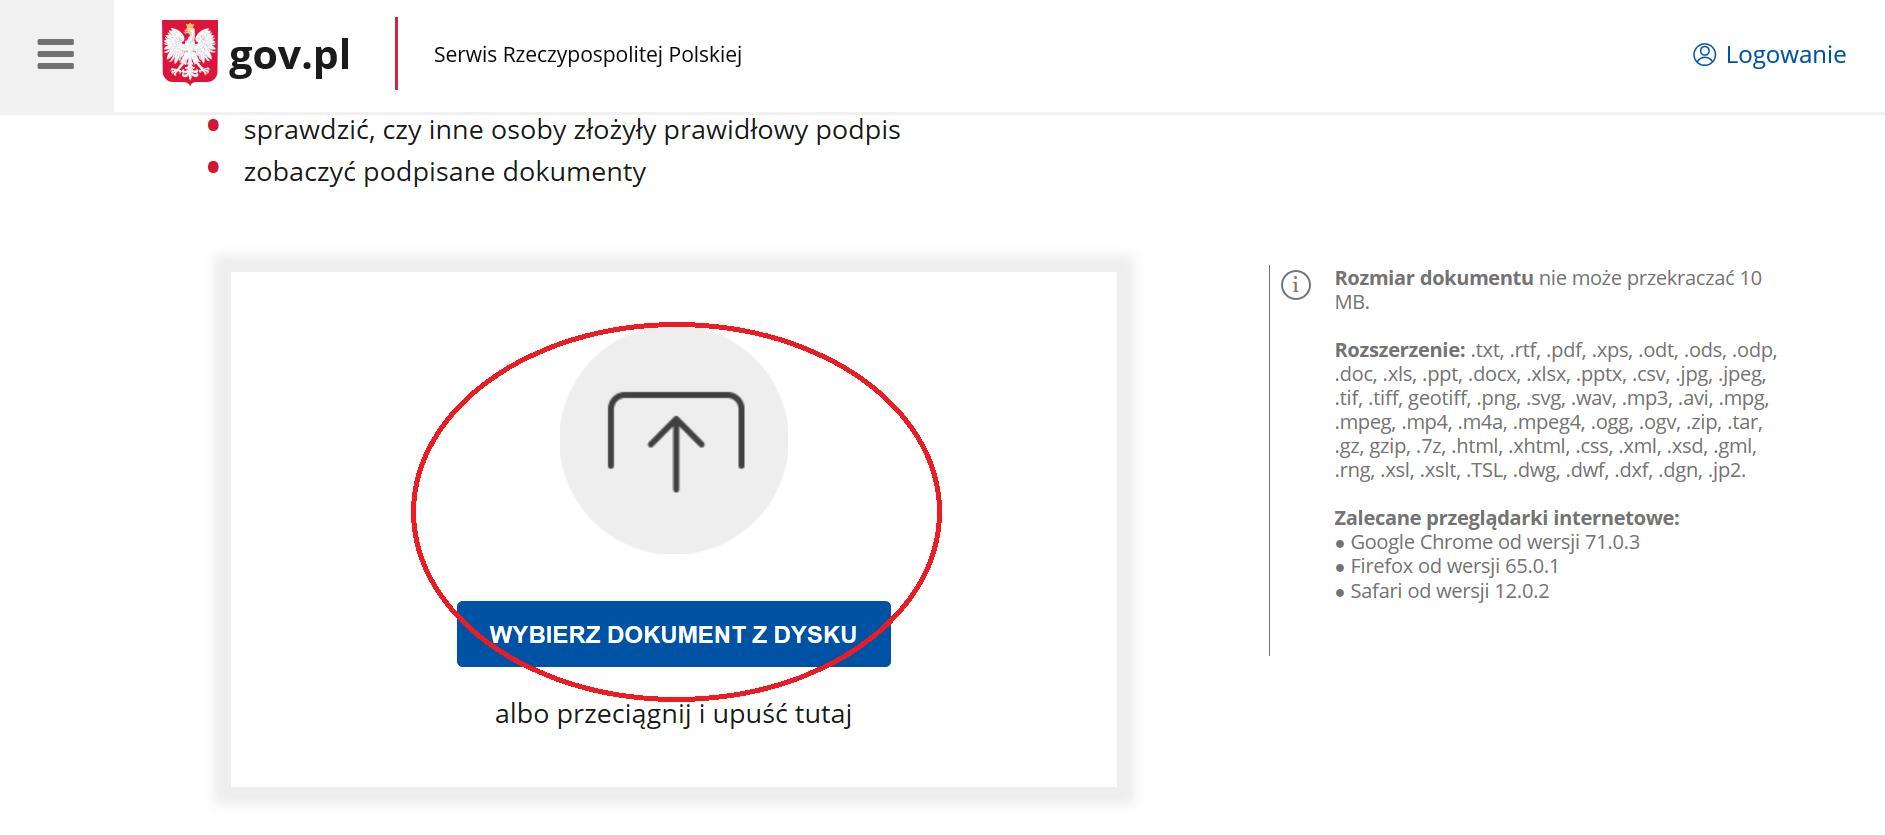 """Grafika: Jak podpisać wniosek - krok 3: Naciśnij przycisk """"wybierz dokument z dysku"""", aby dodać dokument, który ma zostać podpisany elektronicznie"""